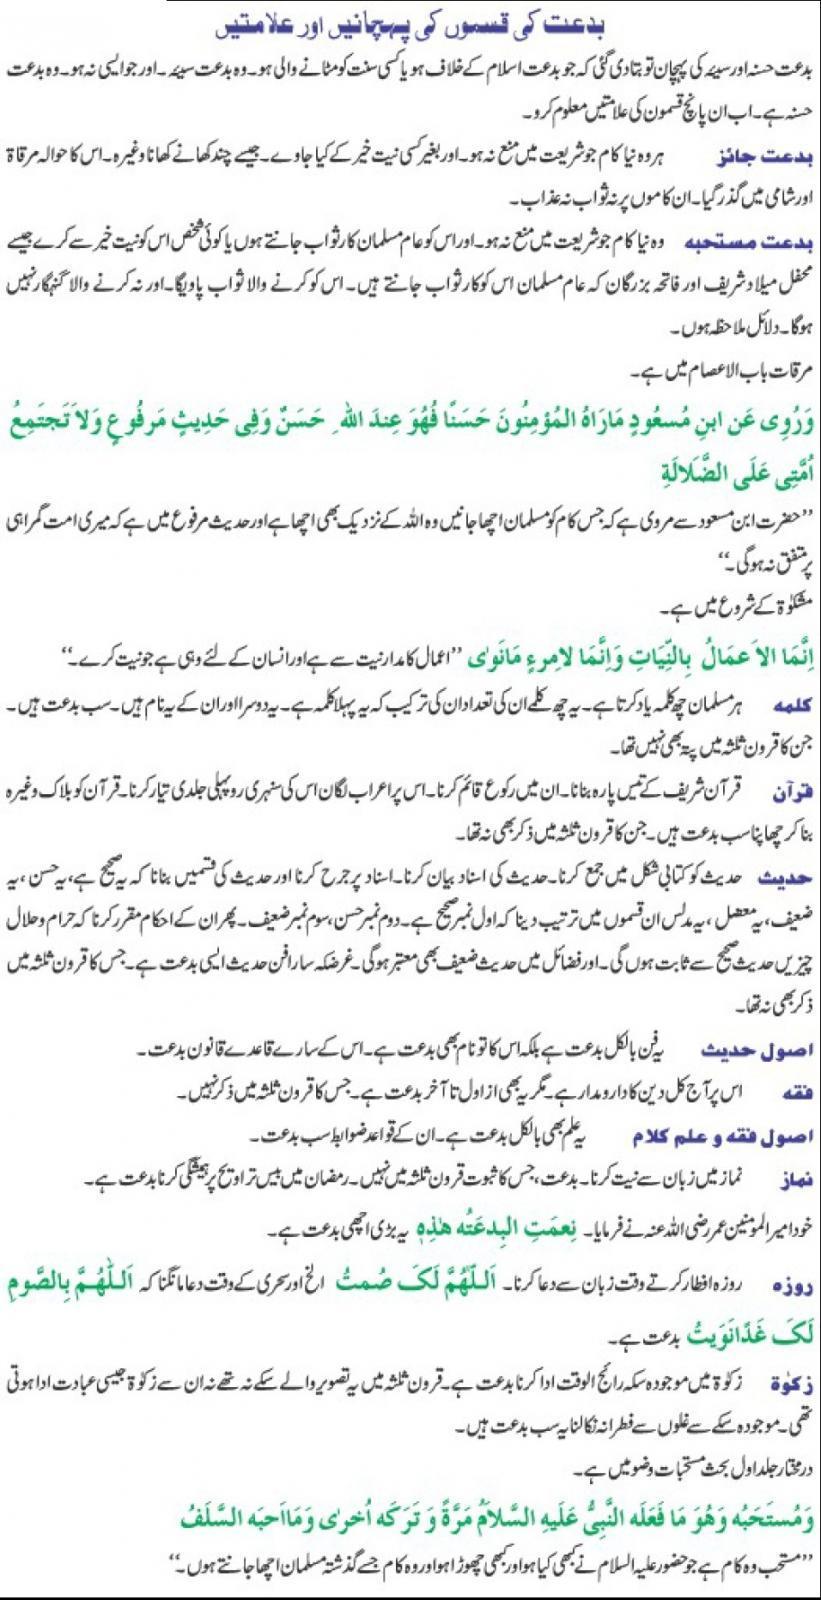 Ja Al'Haq P # 114.jpg